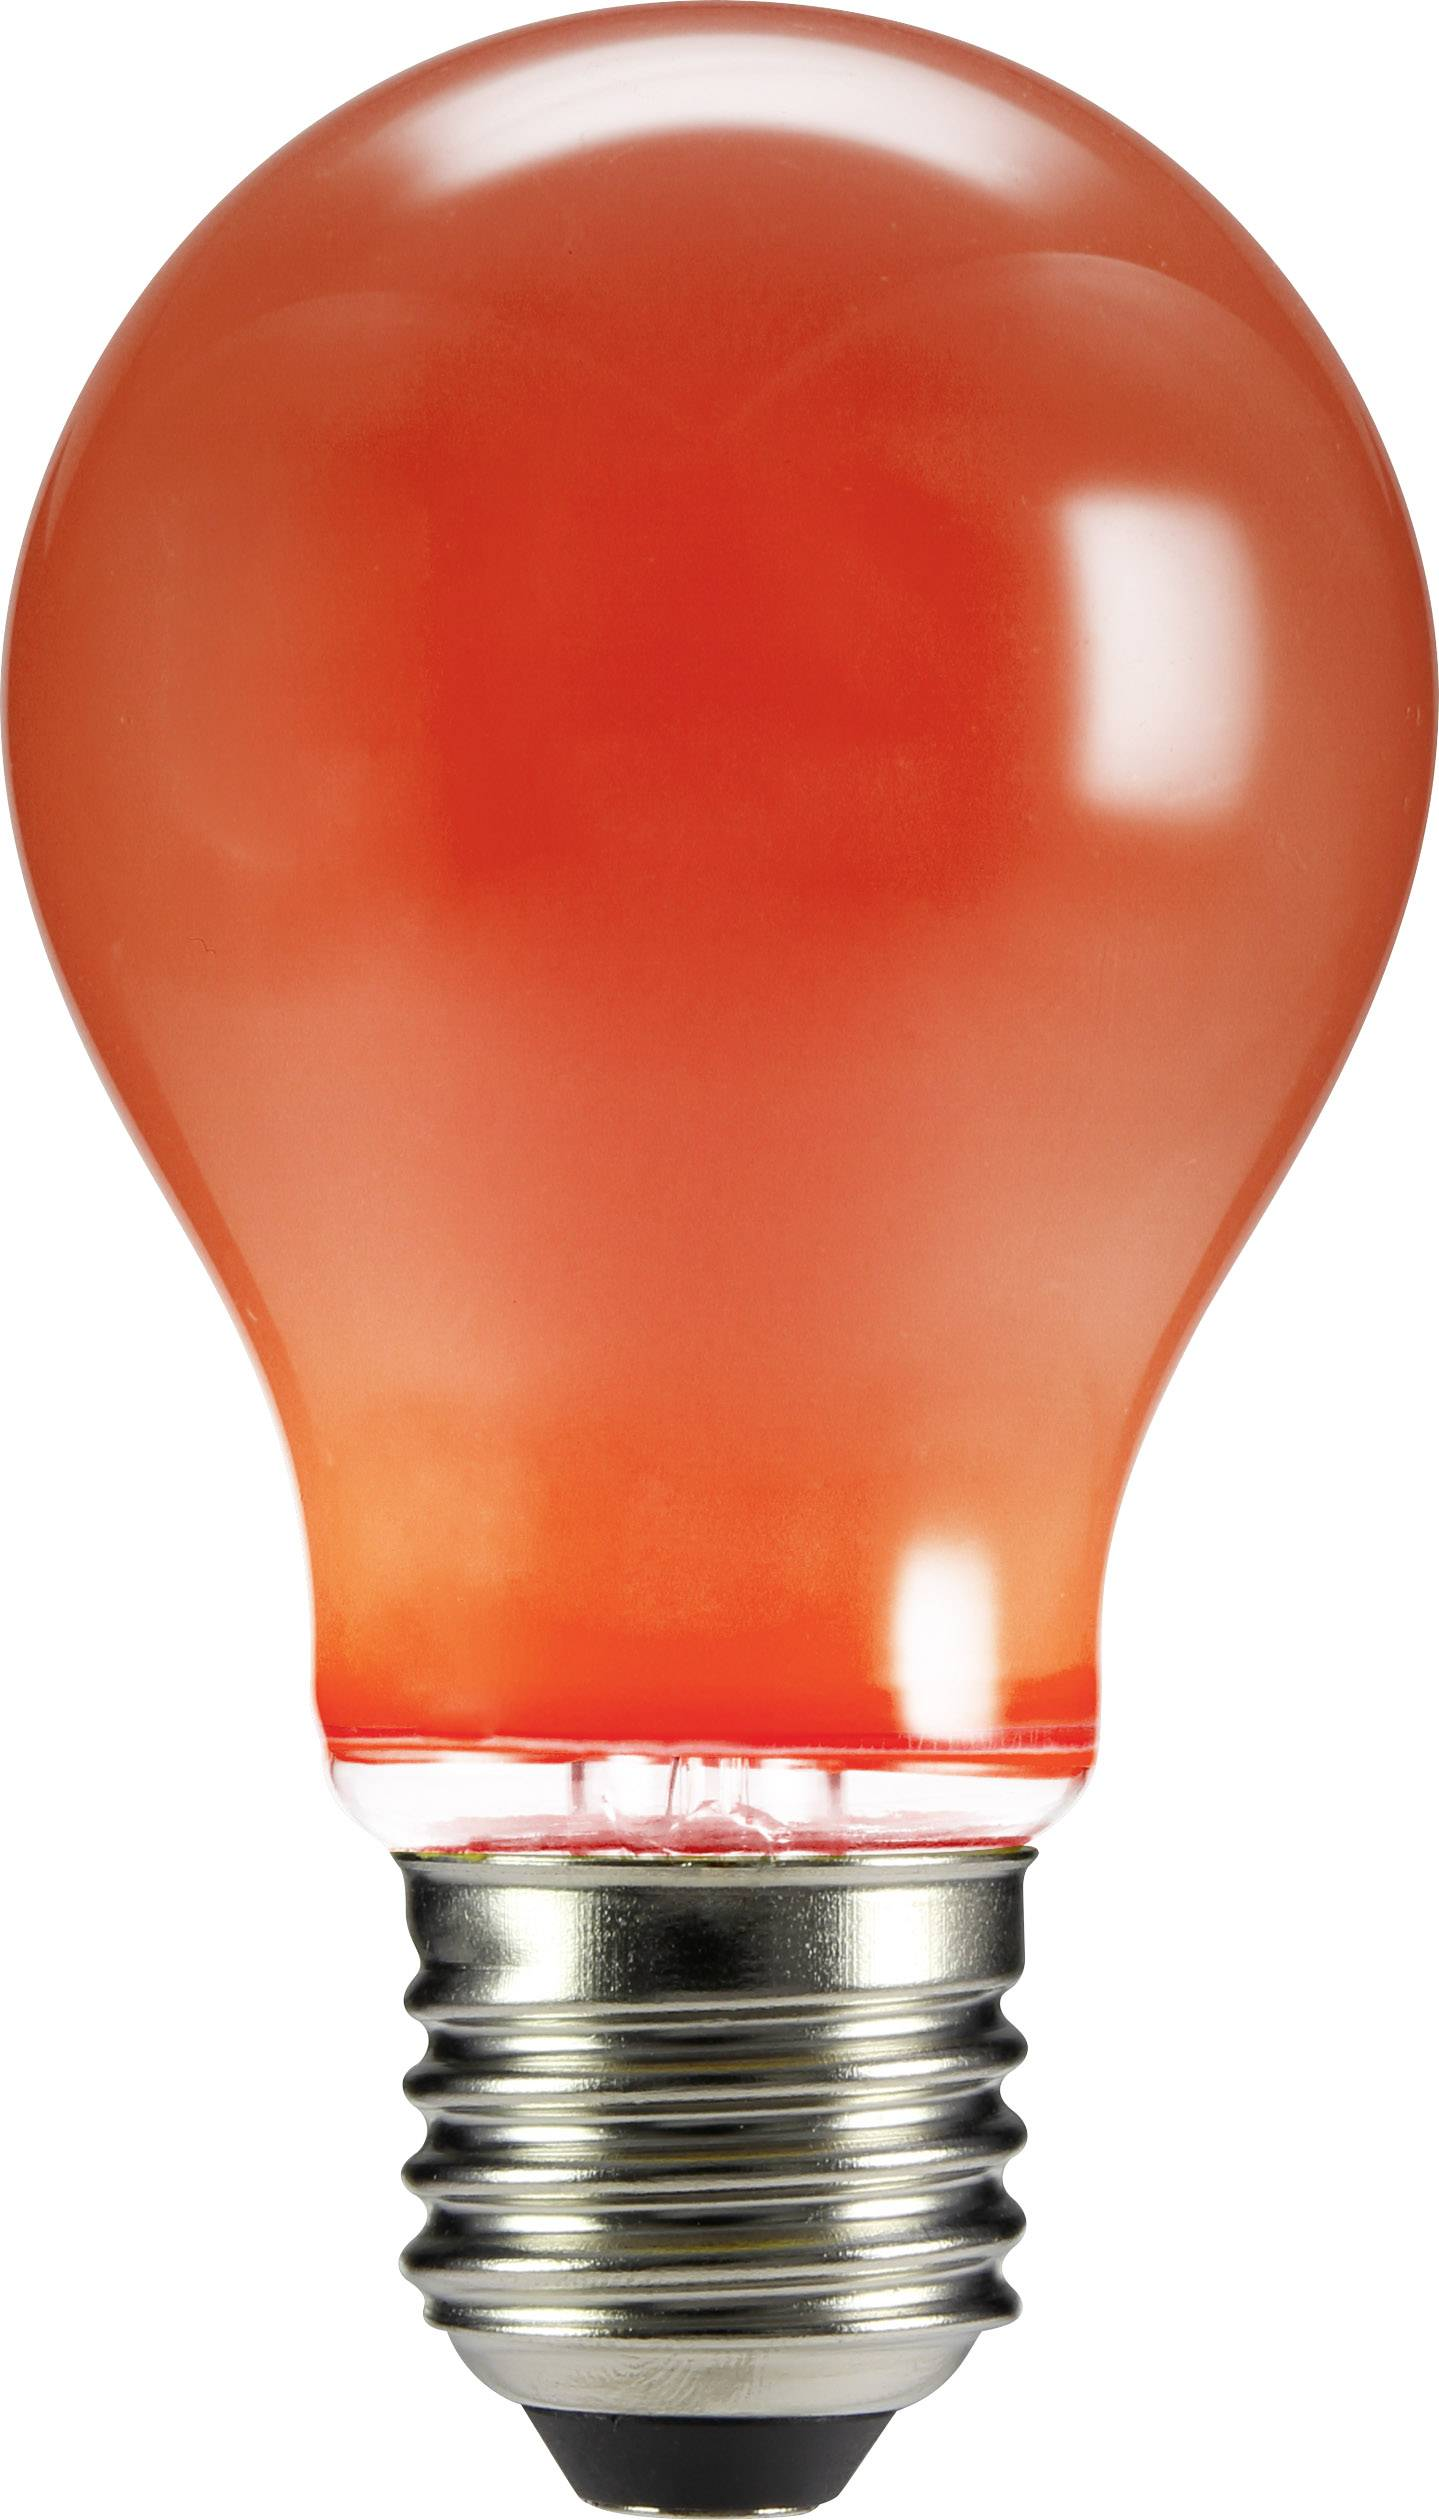 LED žiarovka Sygonix STA6007redcolor 230 V, 4 W, červená, n/a, vlákno, 1 ks